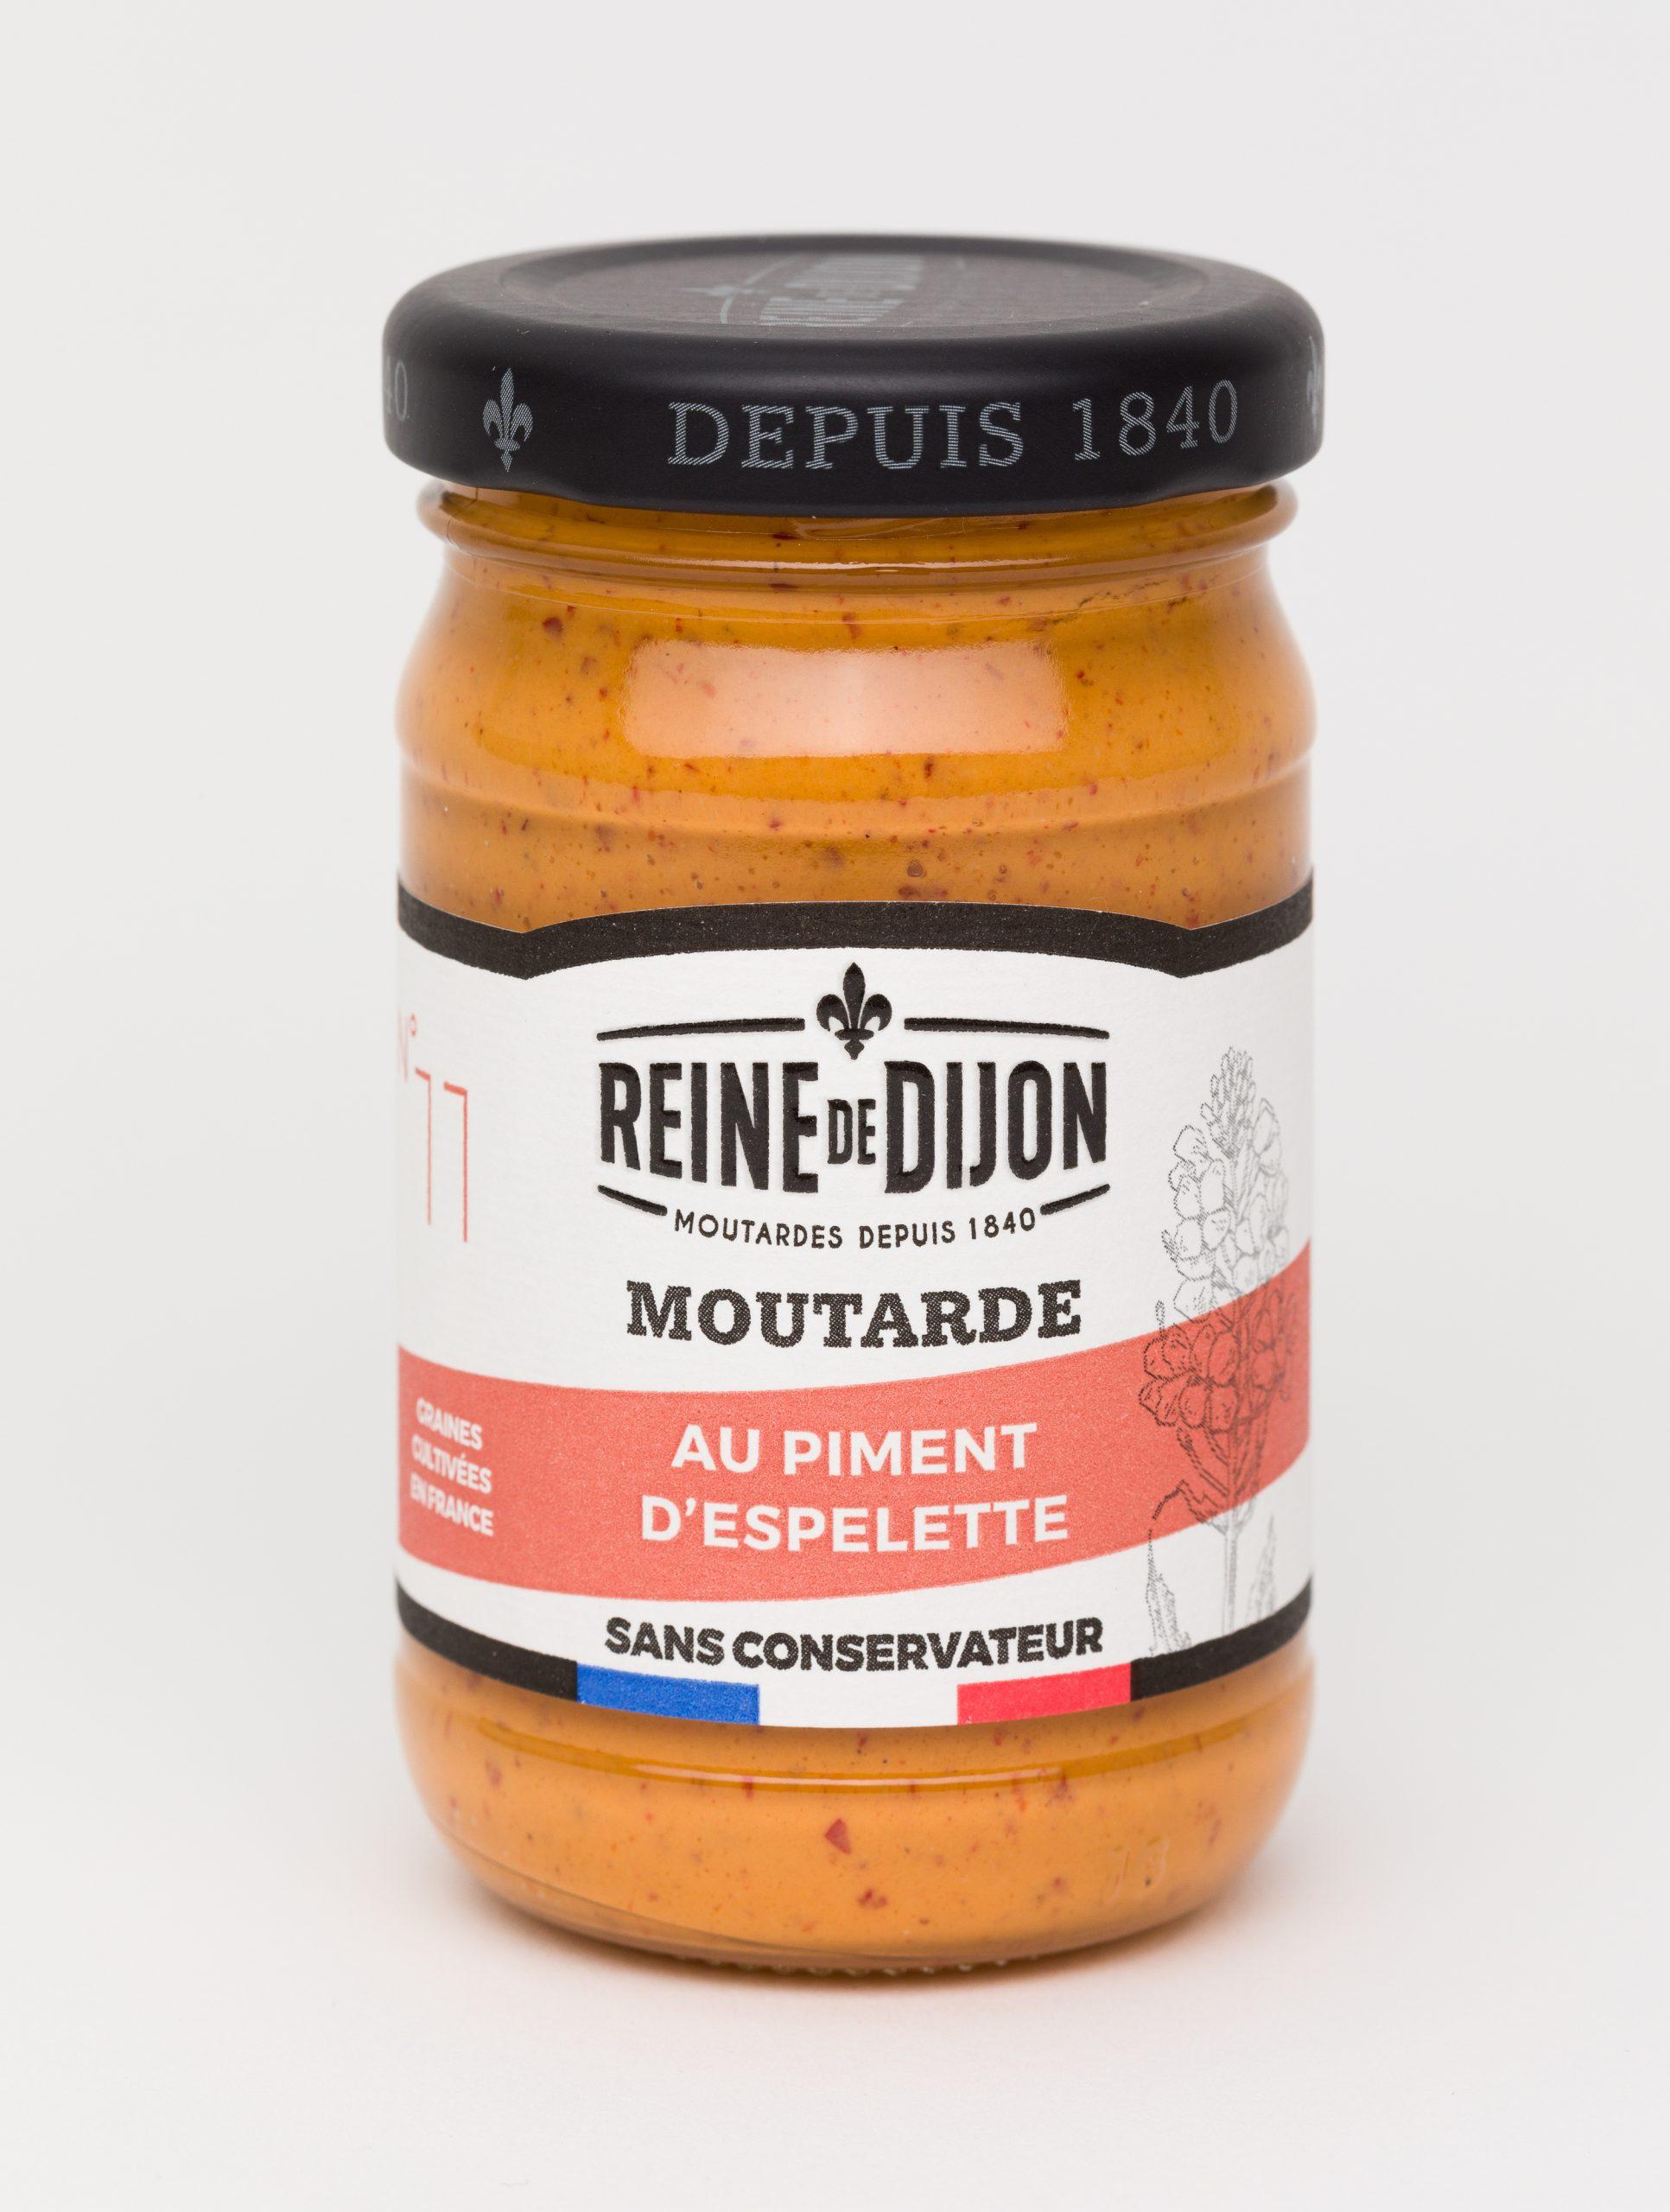 Reine de Dijon GMS Blanc 11 Moutarde au piment dOCOEspelette 100g  scaled - La moutarde aux graines 100% françaises